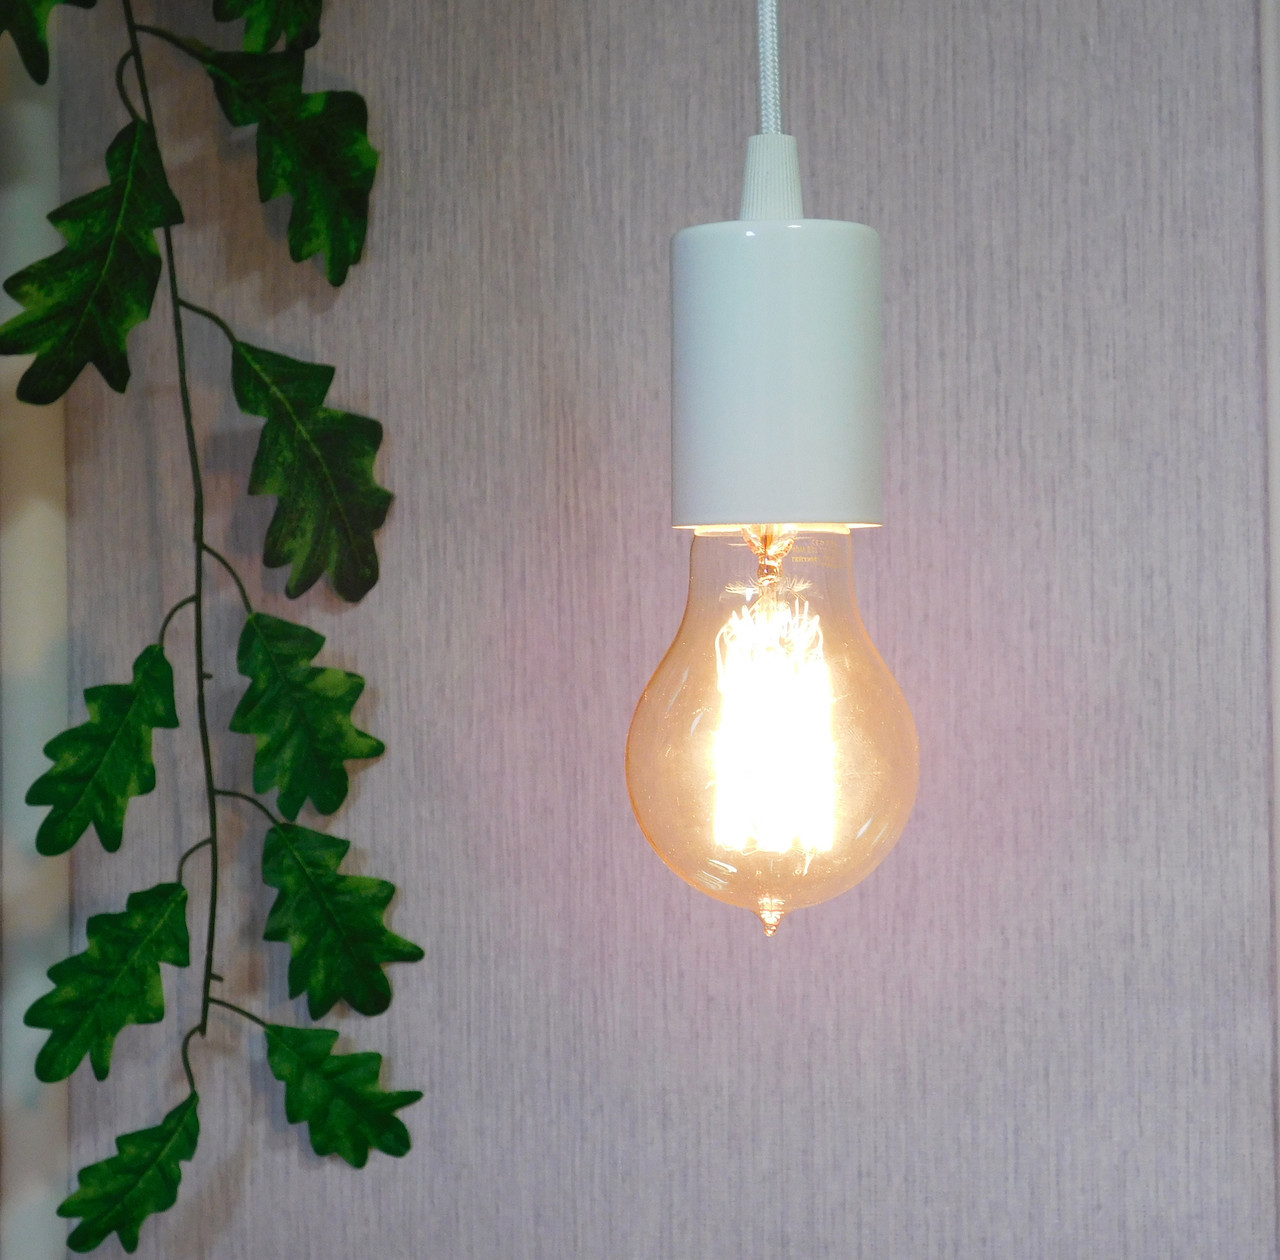 Подвесной металлический светильник, современный стиль, loft, vintage, modern style, минимализм,  белый цвет